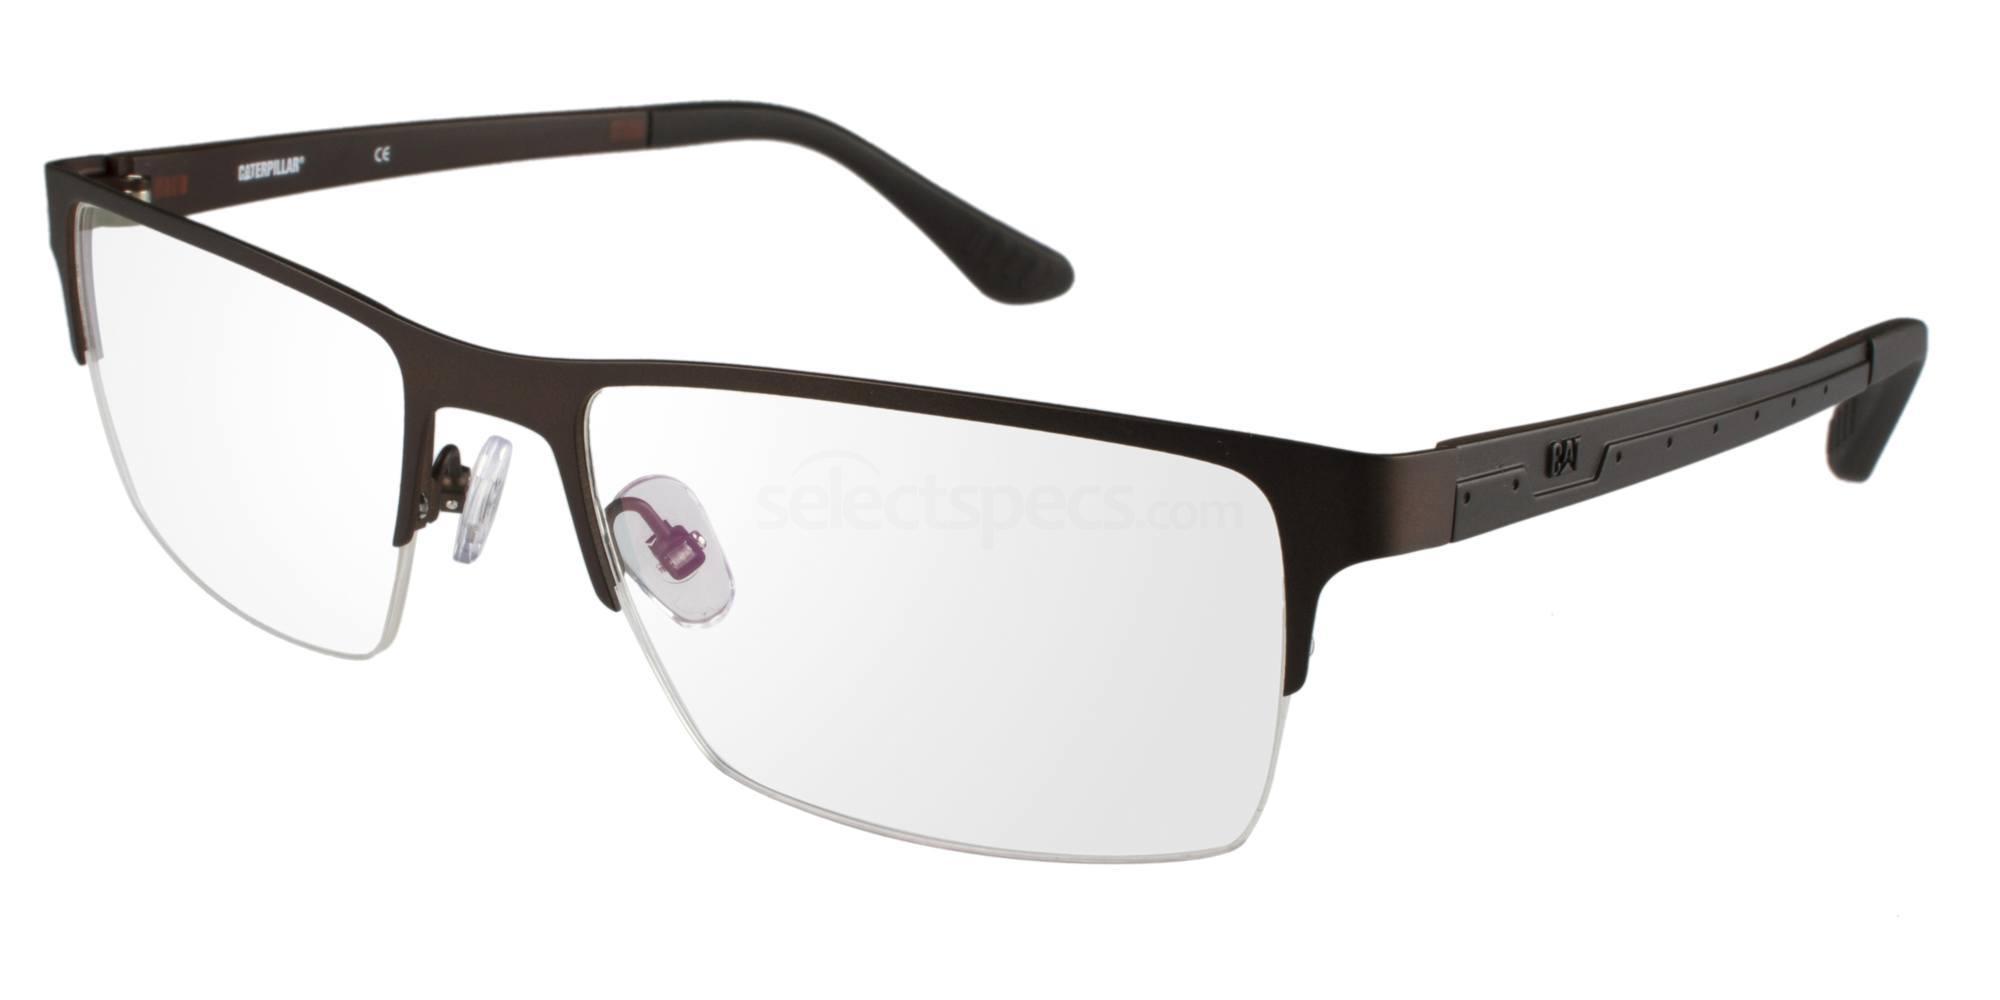 003 CTO-W05 Glasses, CAT